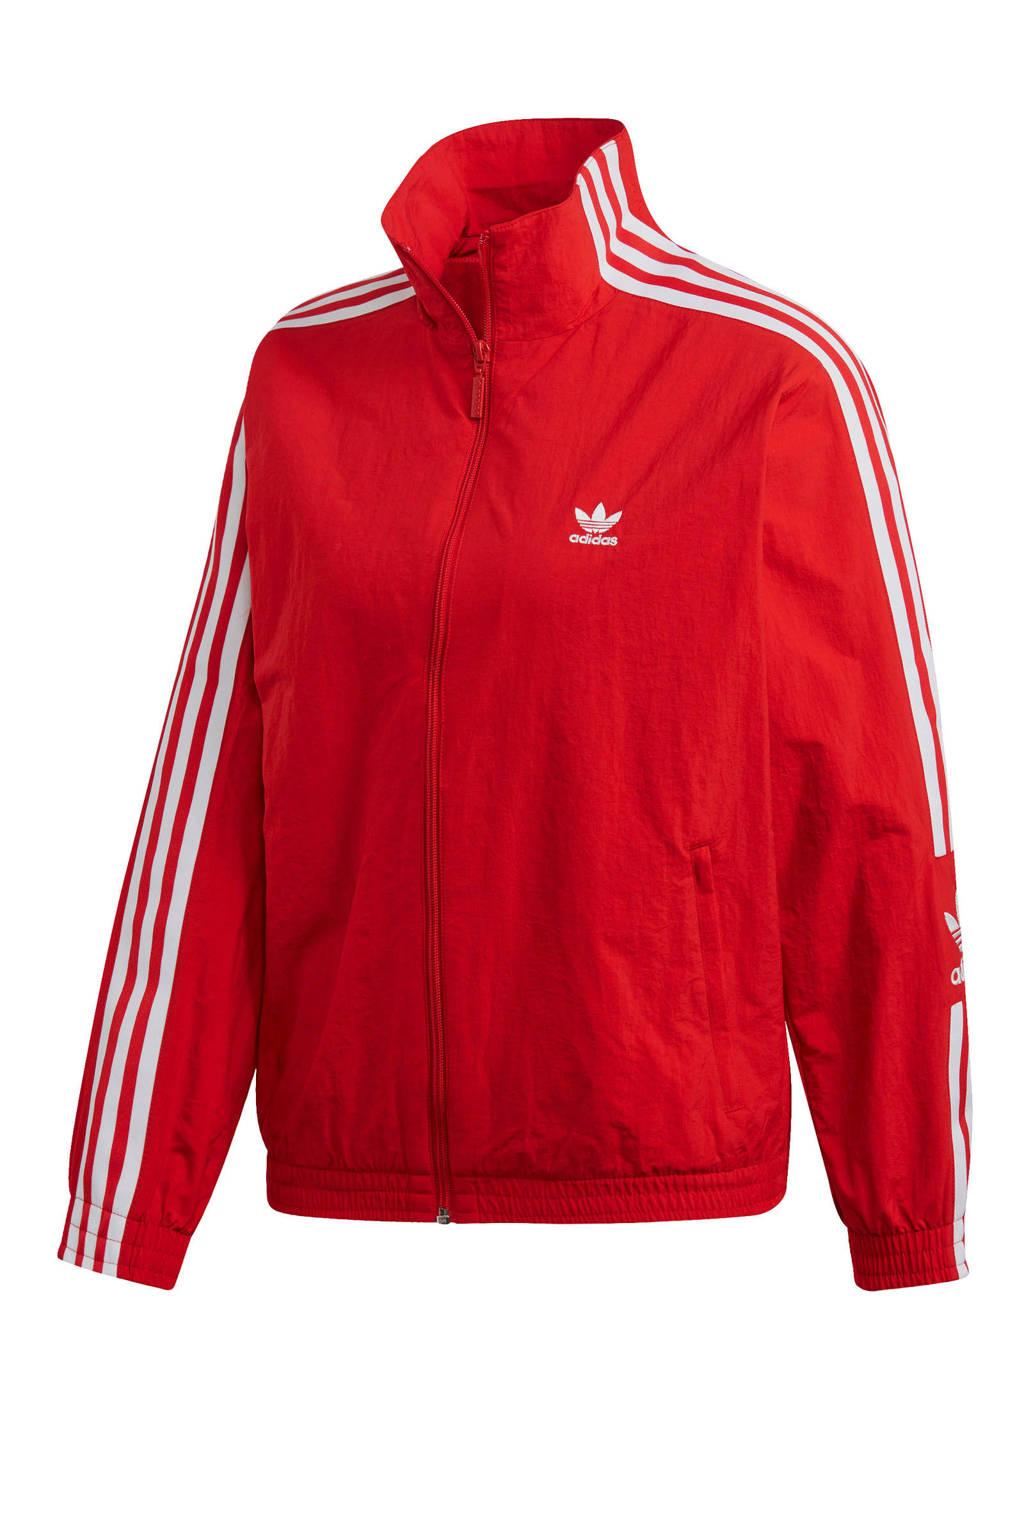 adidas Originals Adicolor vest, Rood/wit